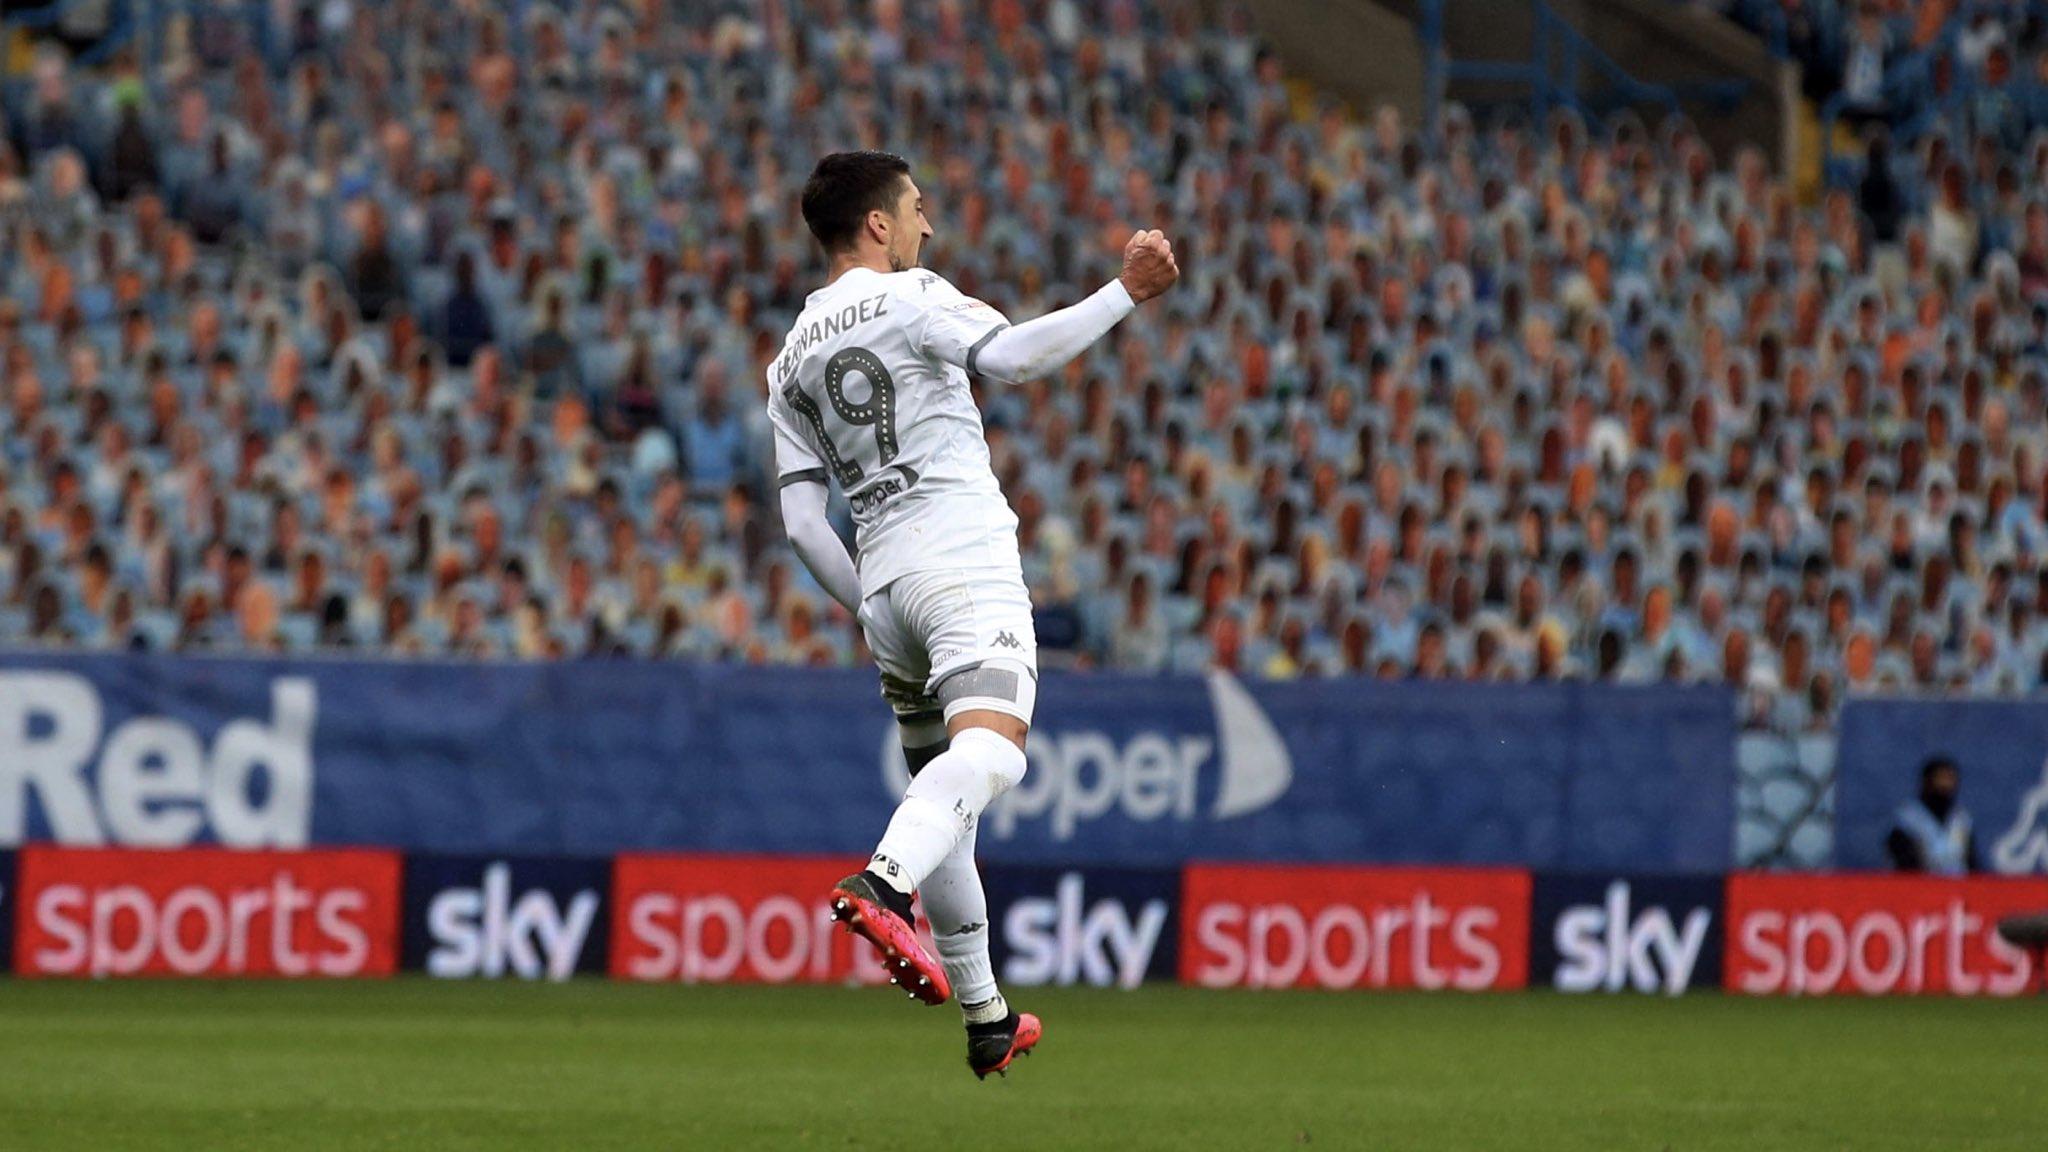 Pablo Hernández luego de convertir el gol. (Fuente: Leeds United)